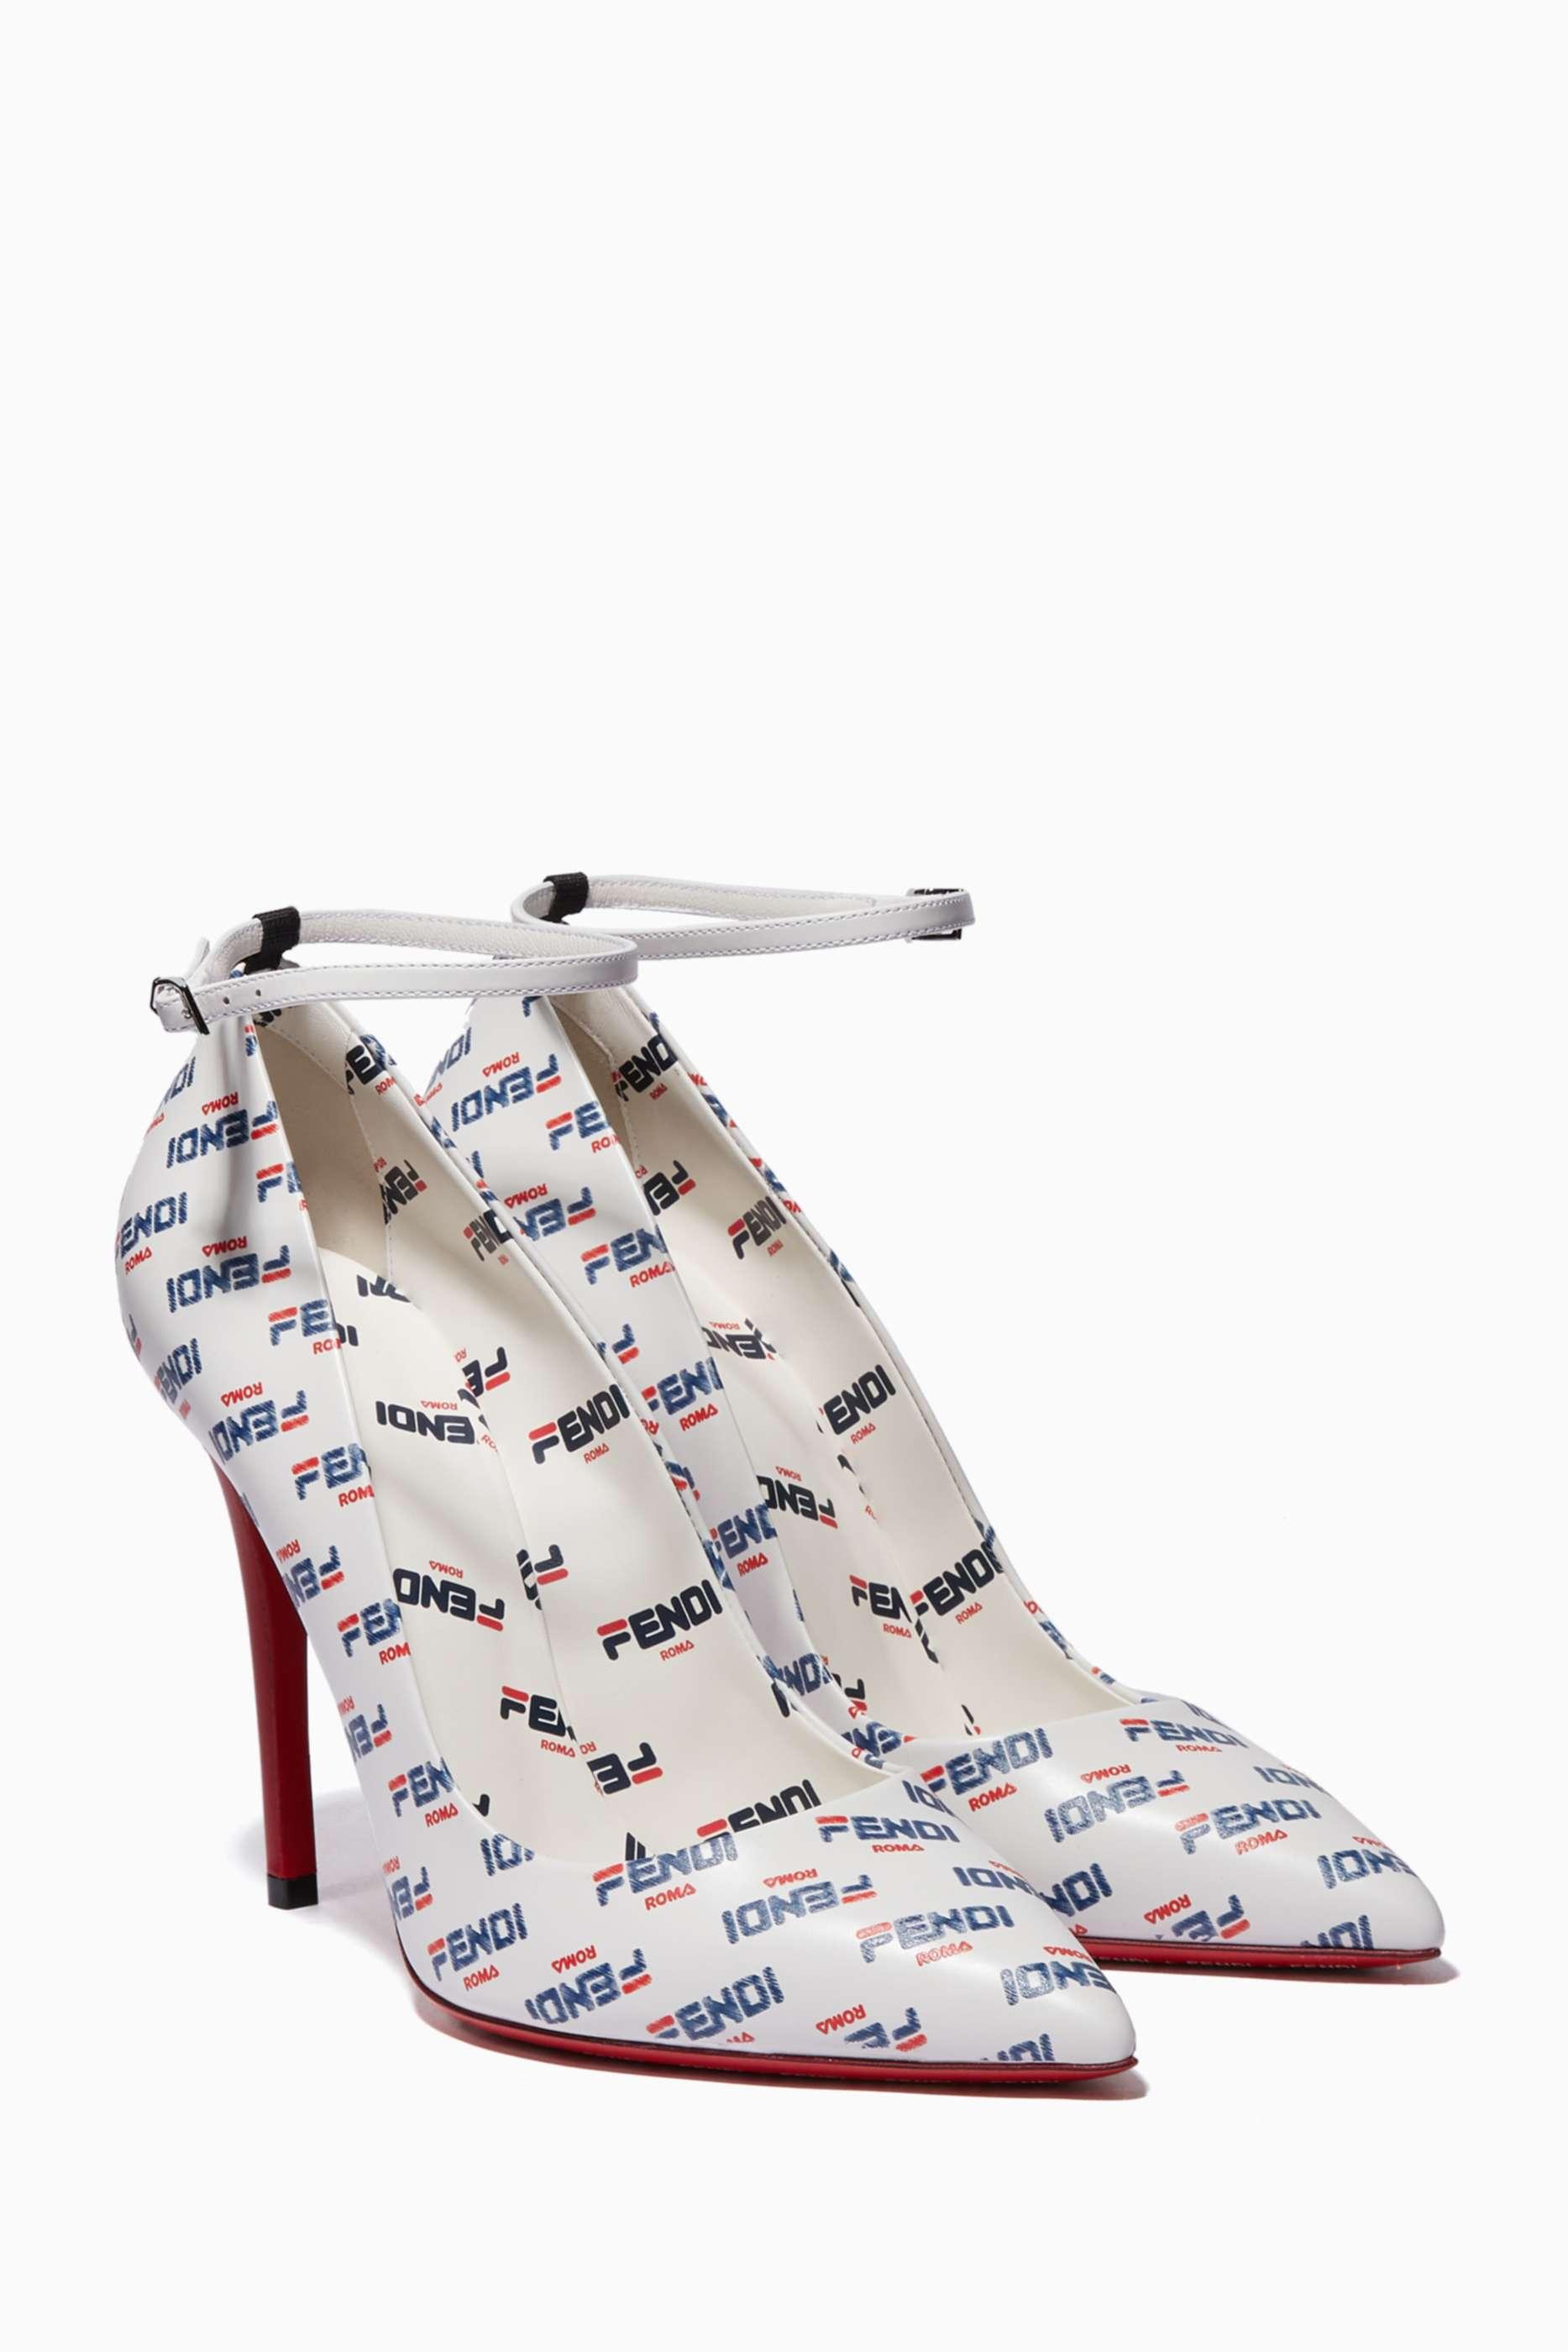 Fendi Shoes for Women Online   Ounass UAE